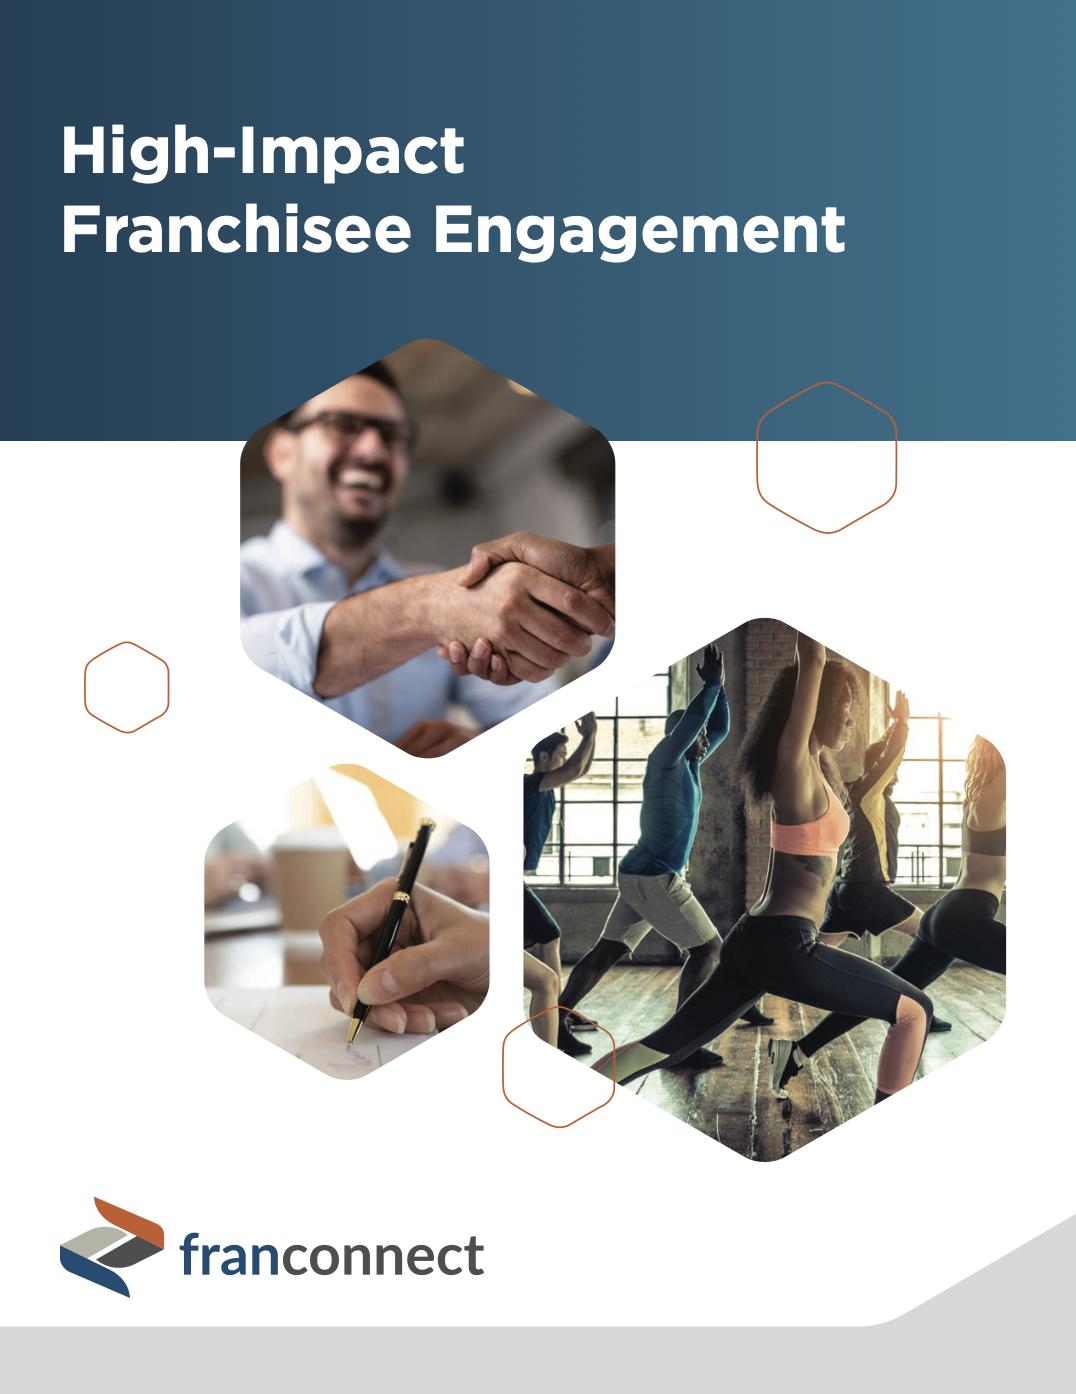 Franchisee Engagement Image